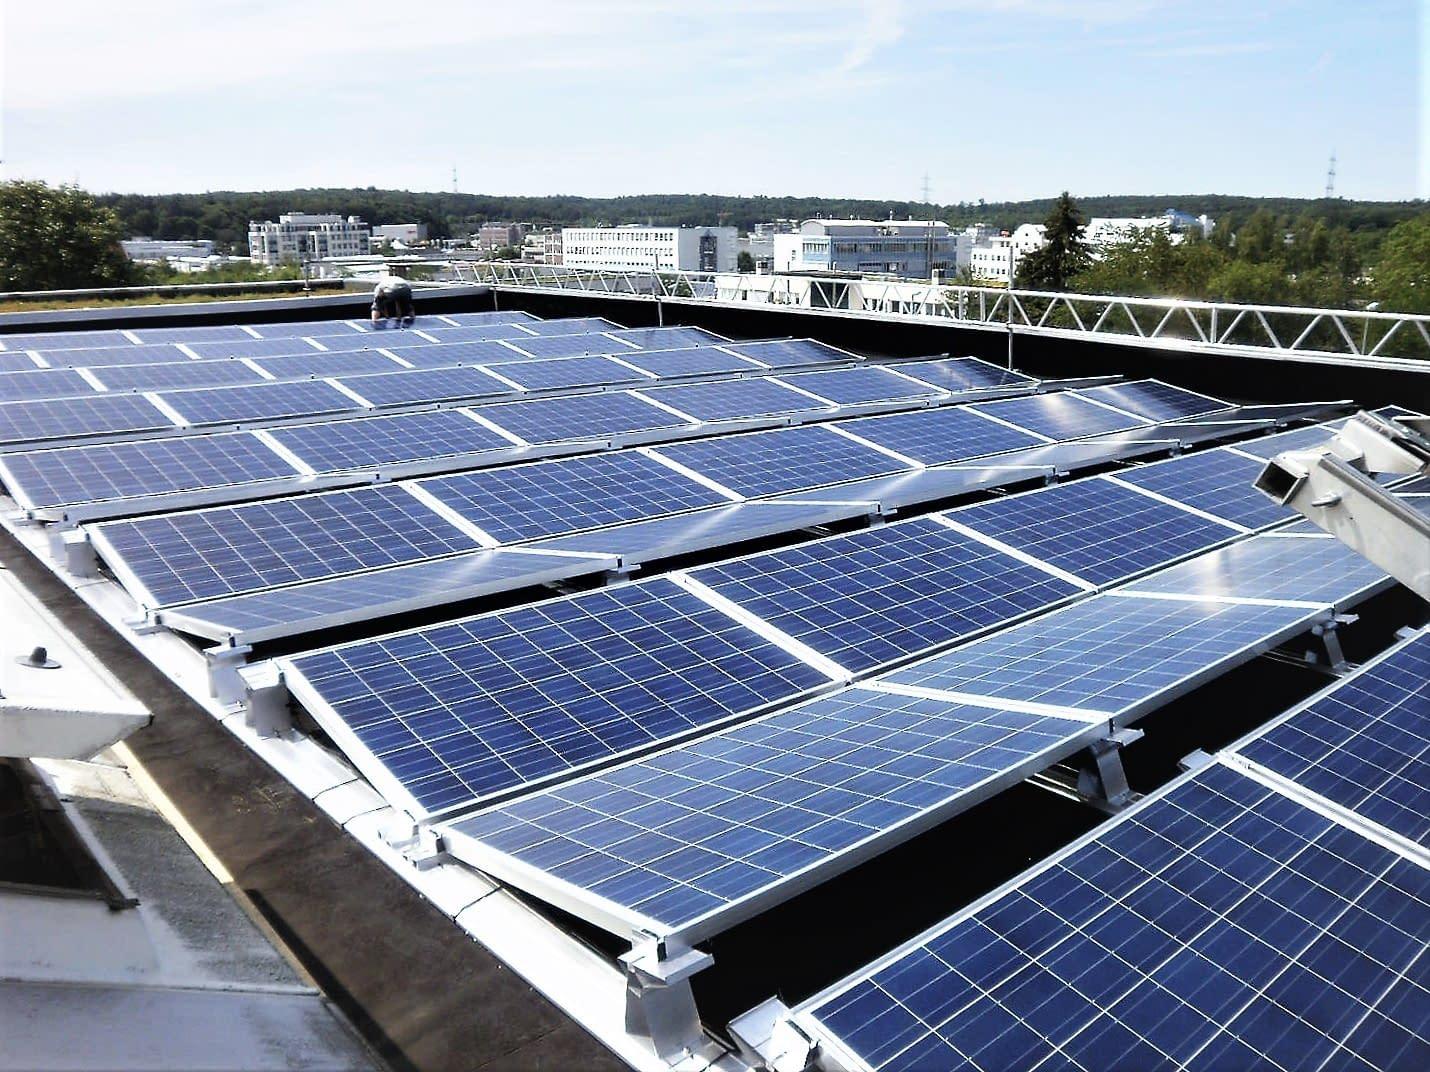 Solarkraftwerk in Pforzheim